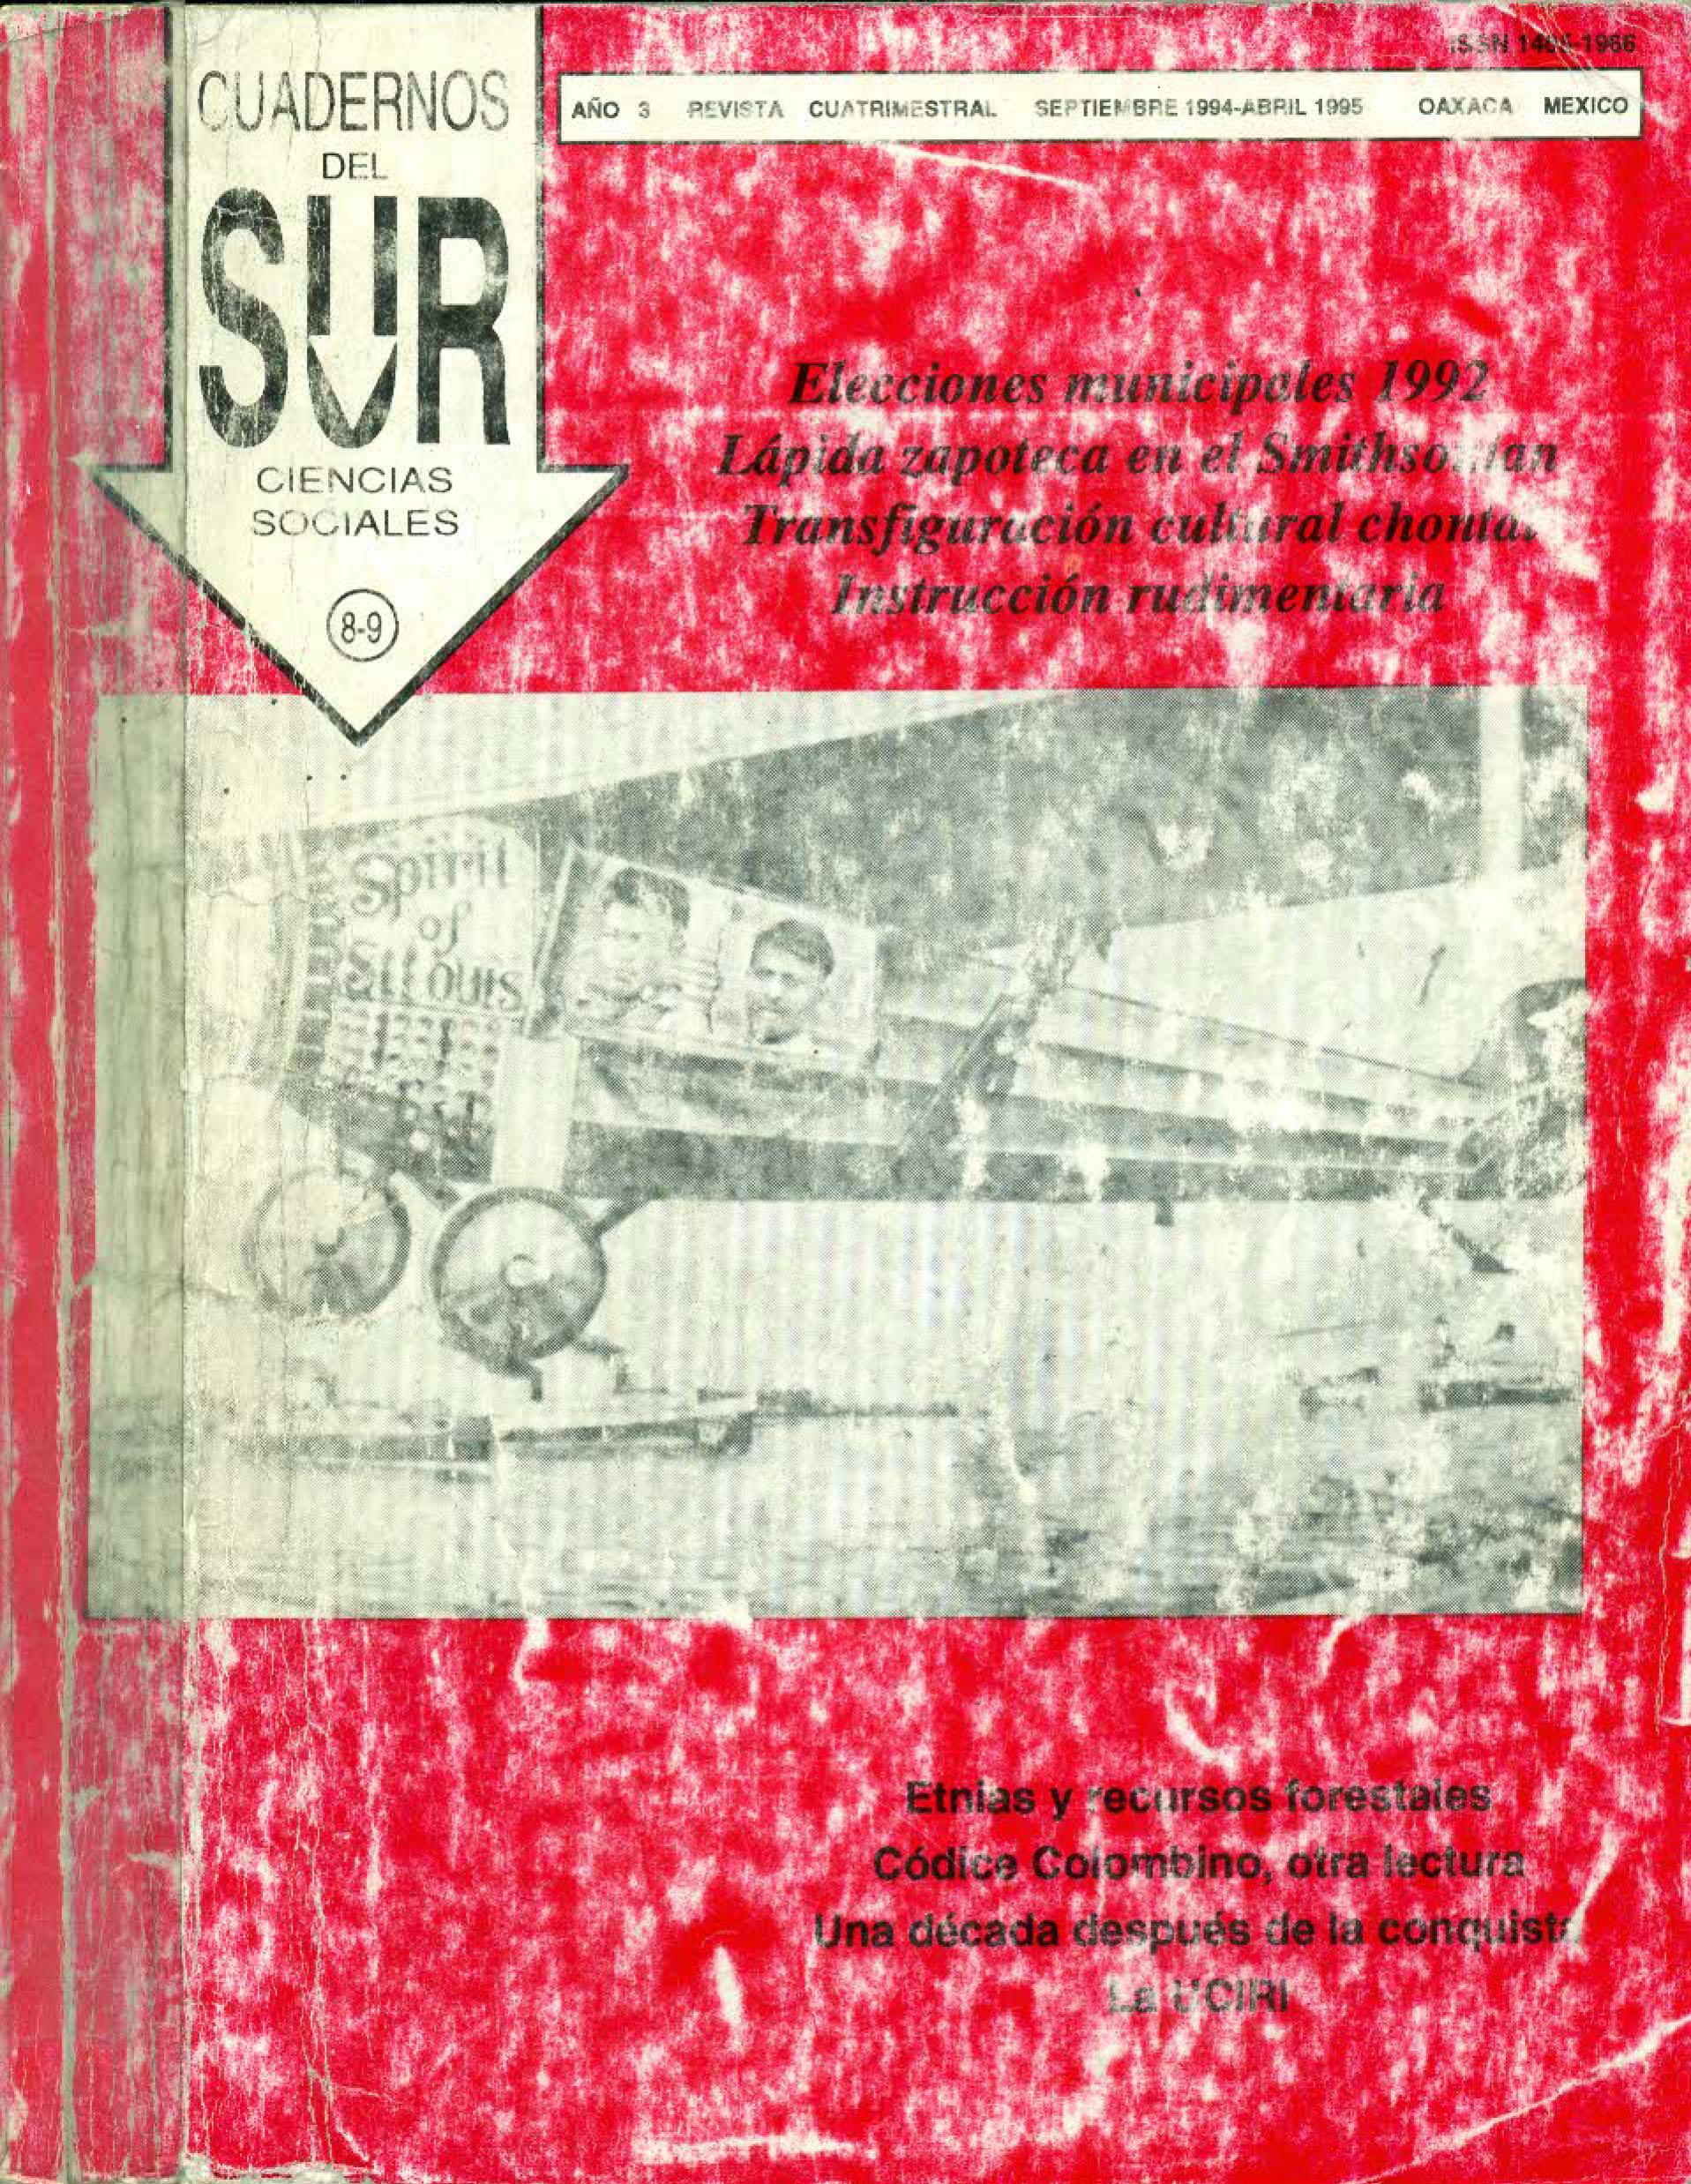 cds8-9-1